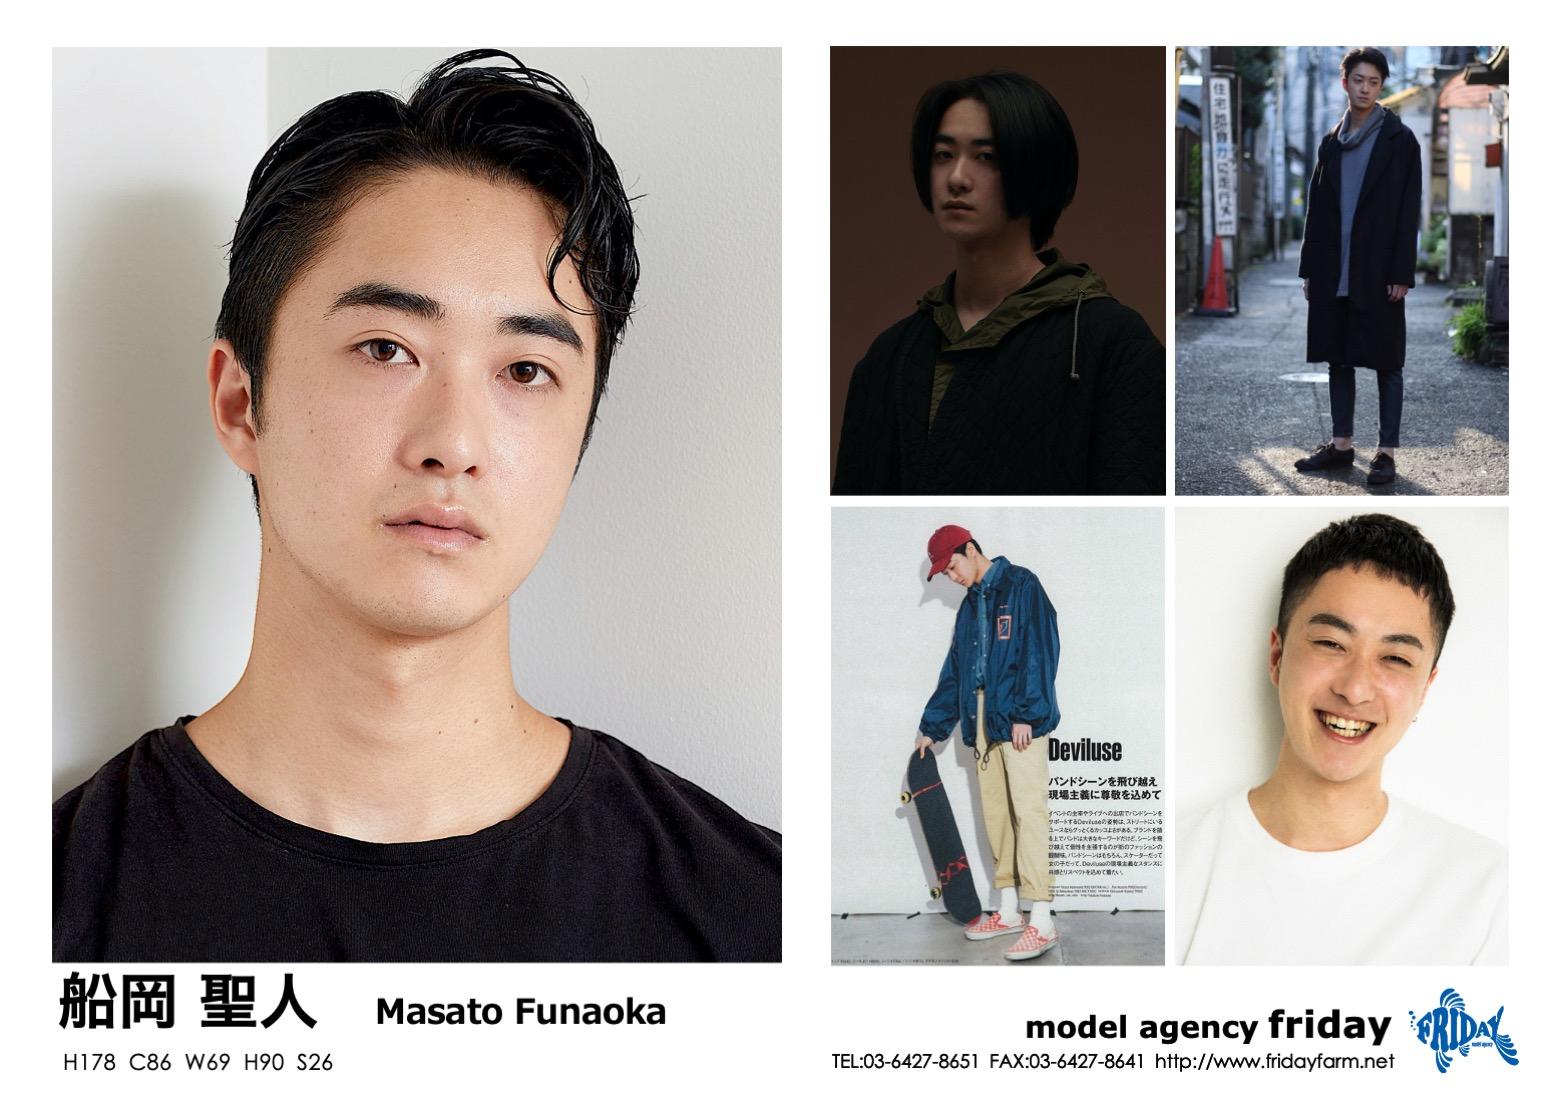 船岡 聖人 - Masato Funaoka   model agency friday